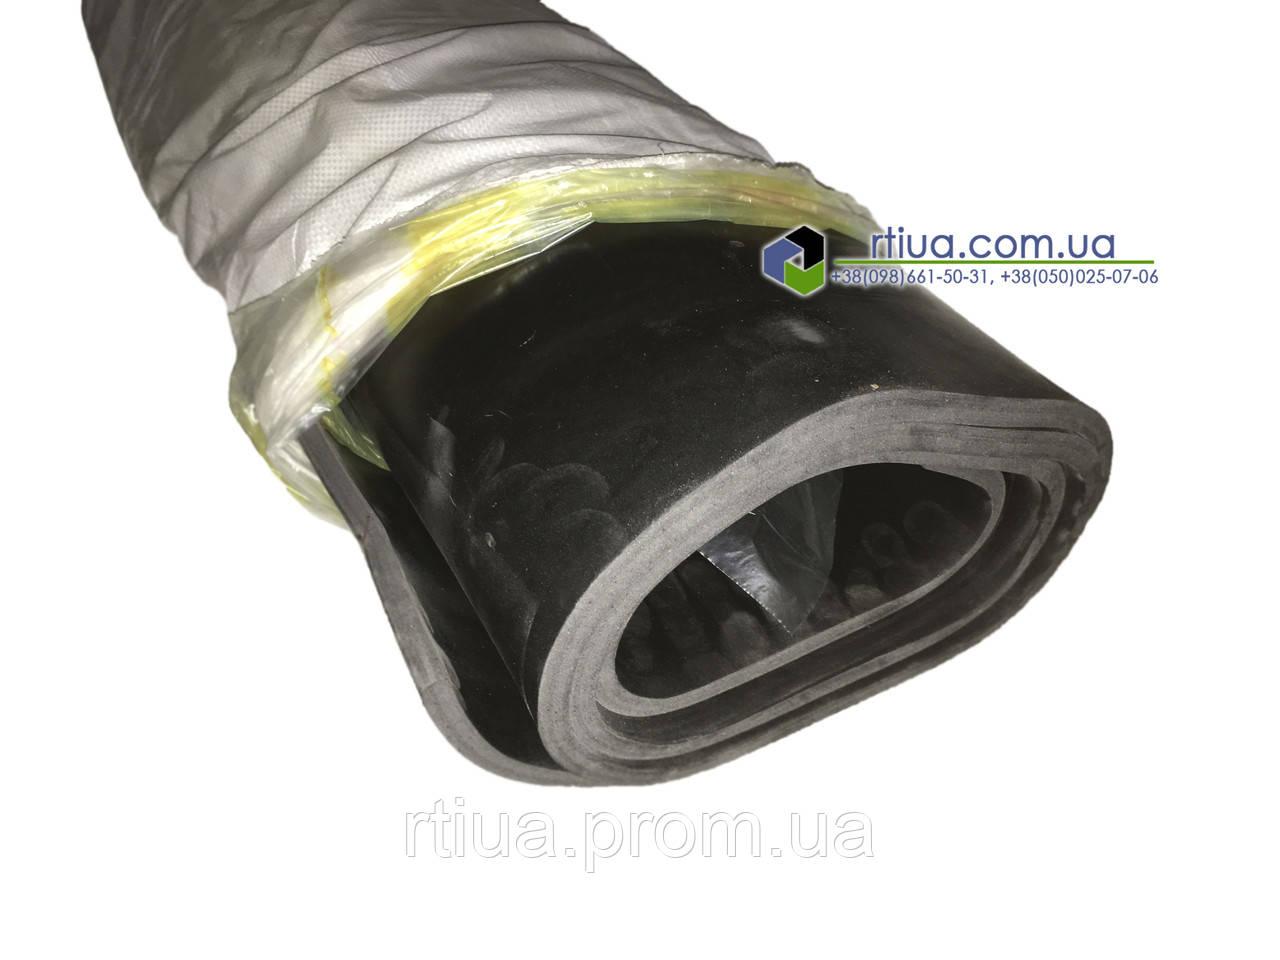 Пластина резиновая 2 мм ТМКЩ